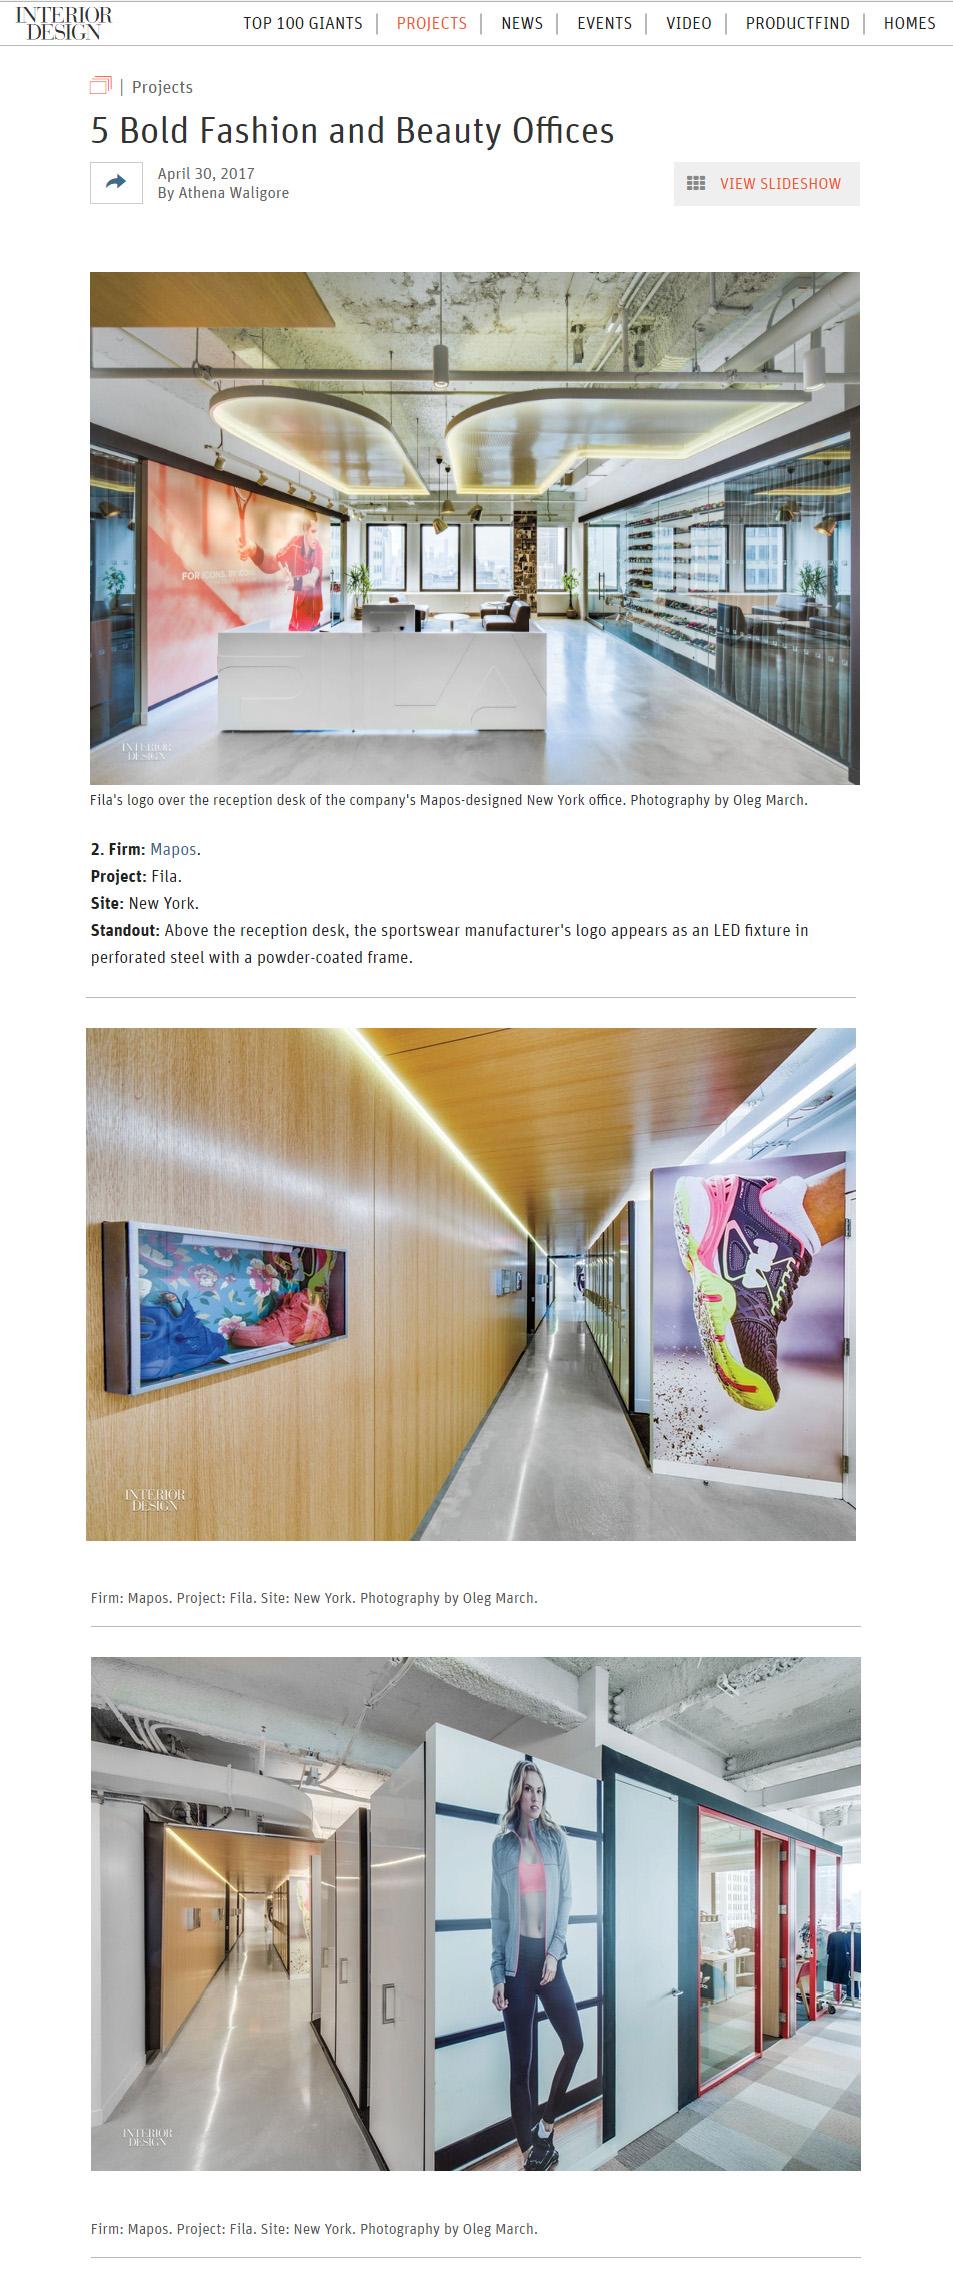 edg interior architecture design images the most